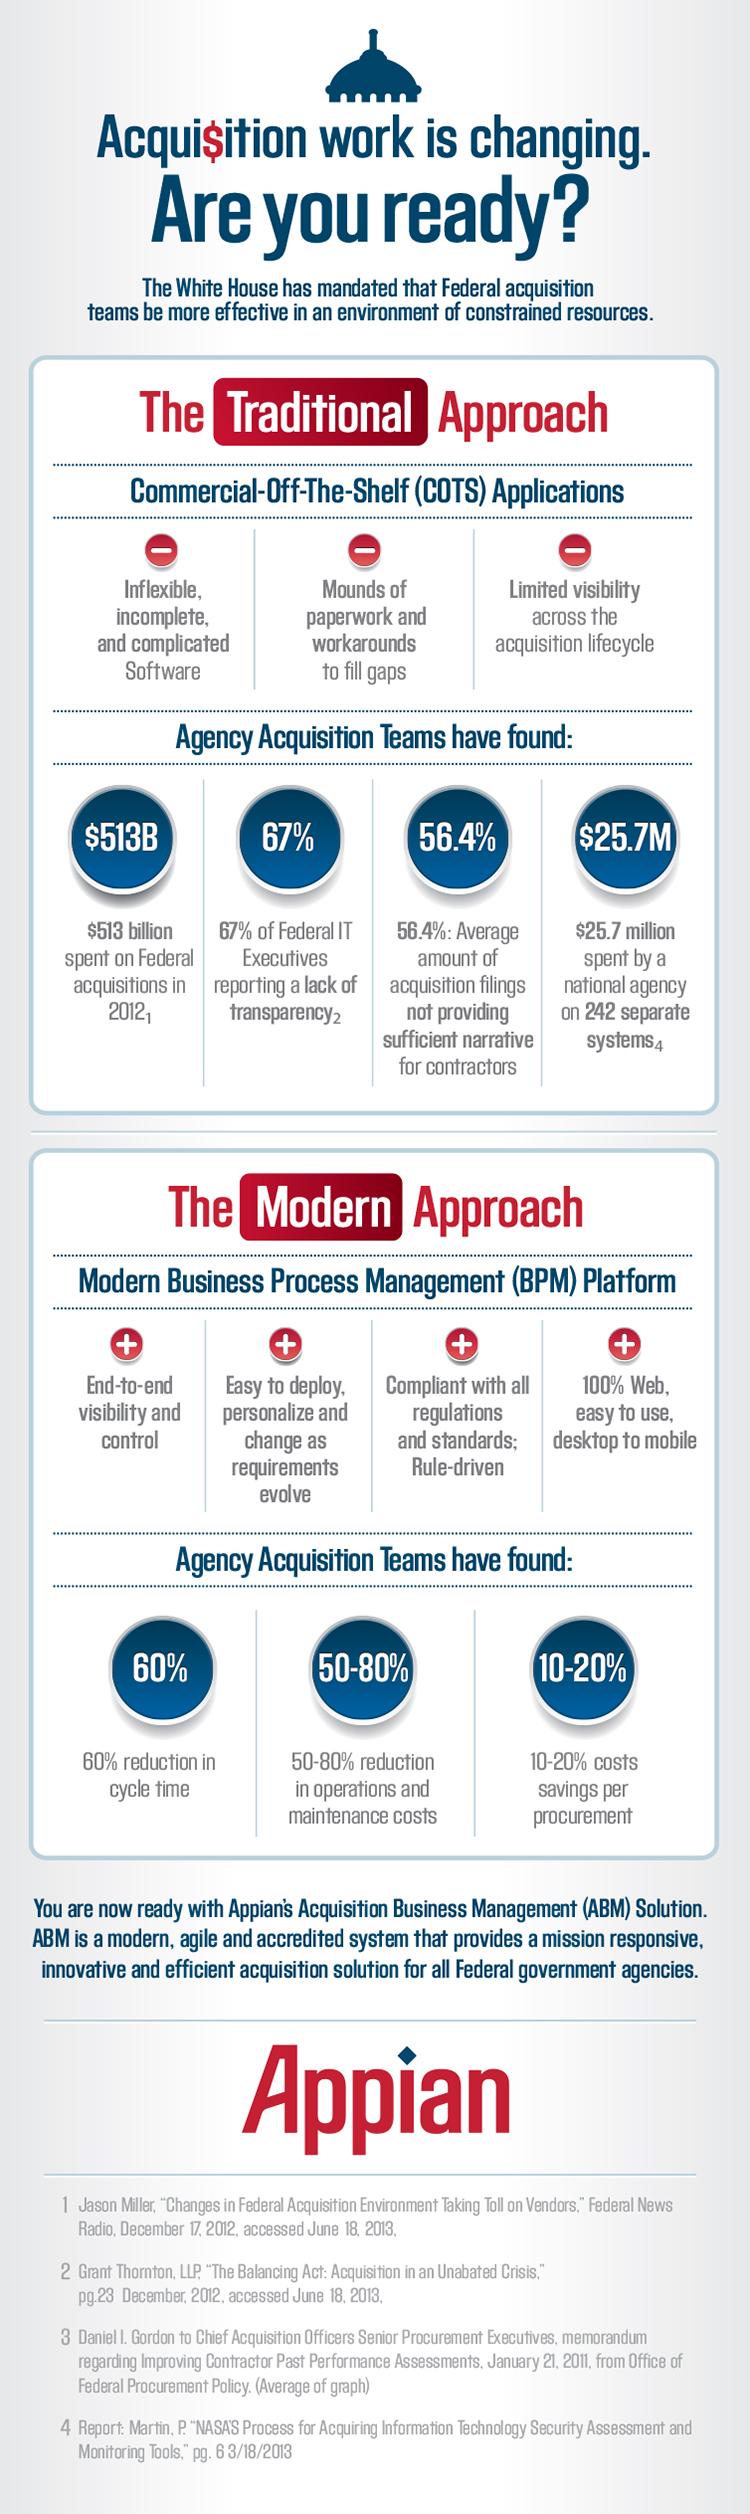 acquisition business management